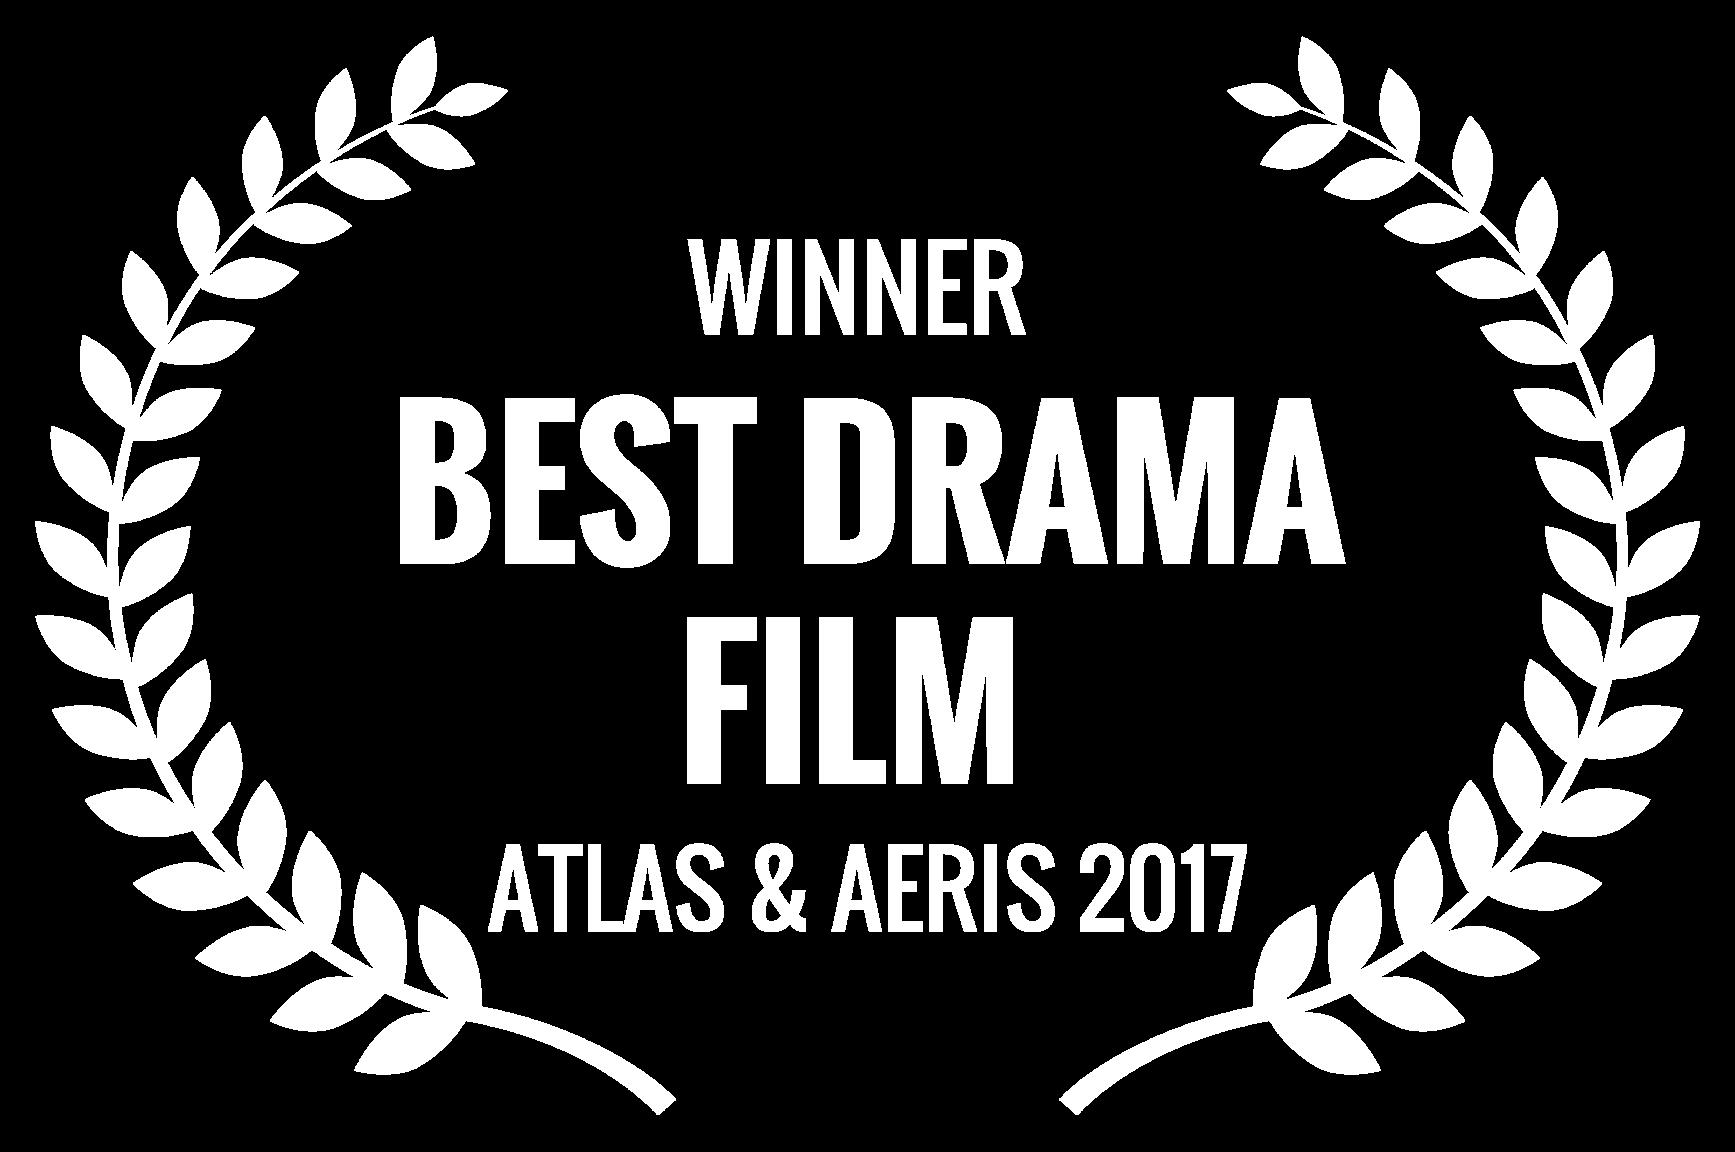 WINNER  - BEST DRAMA FILM  - ATLAS  AERIS 2017.png